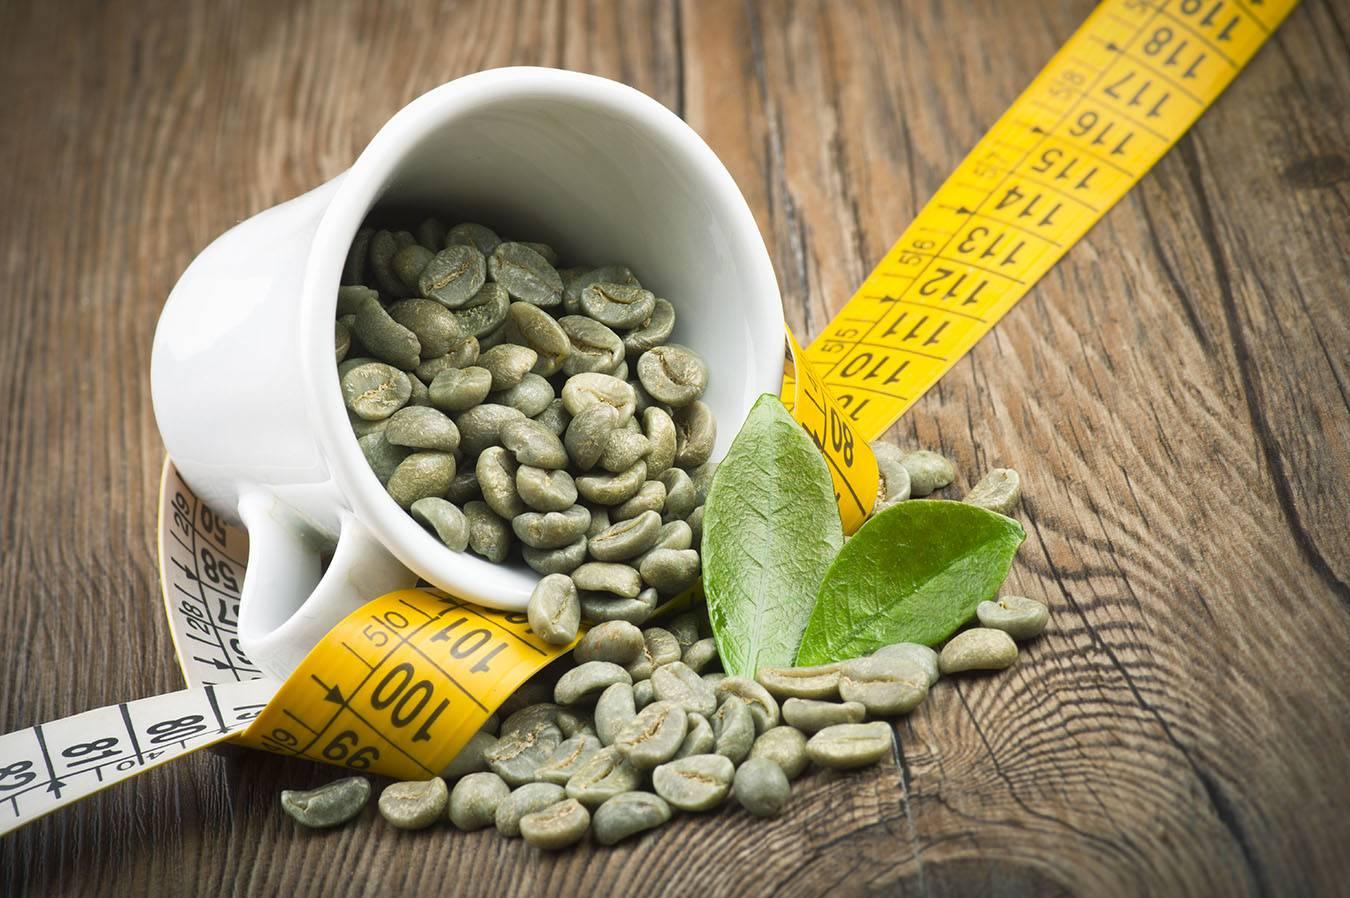 Как пить зеленый кофе - вредно ли, сколько можно и как правильно пить